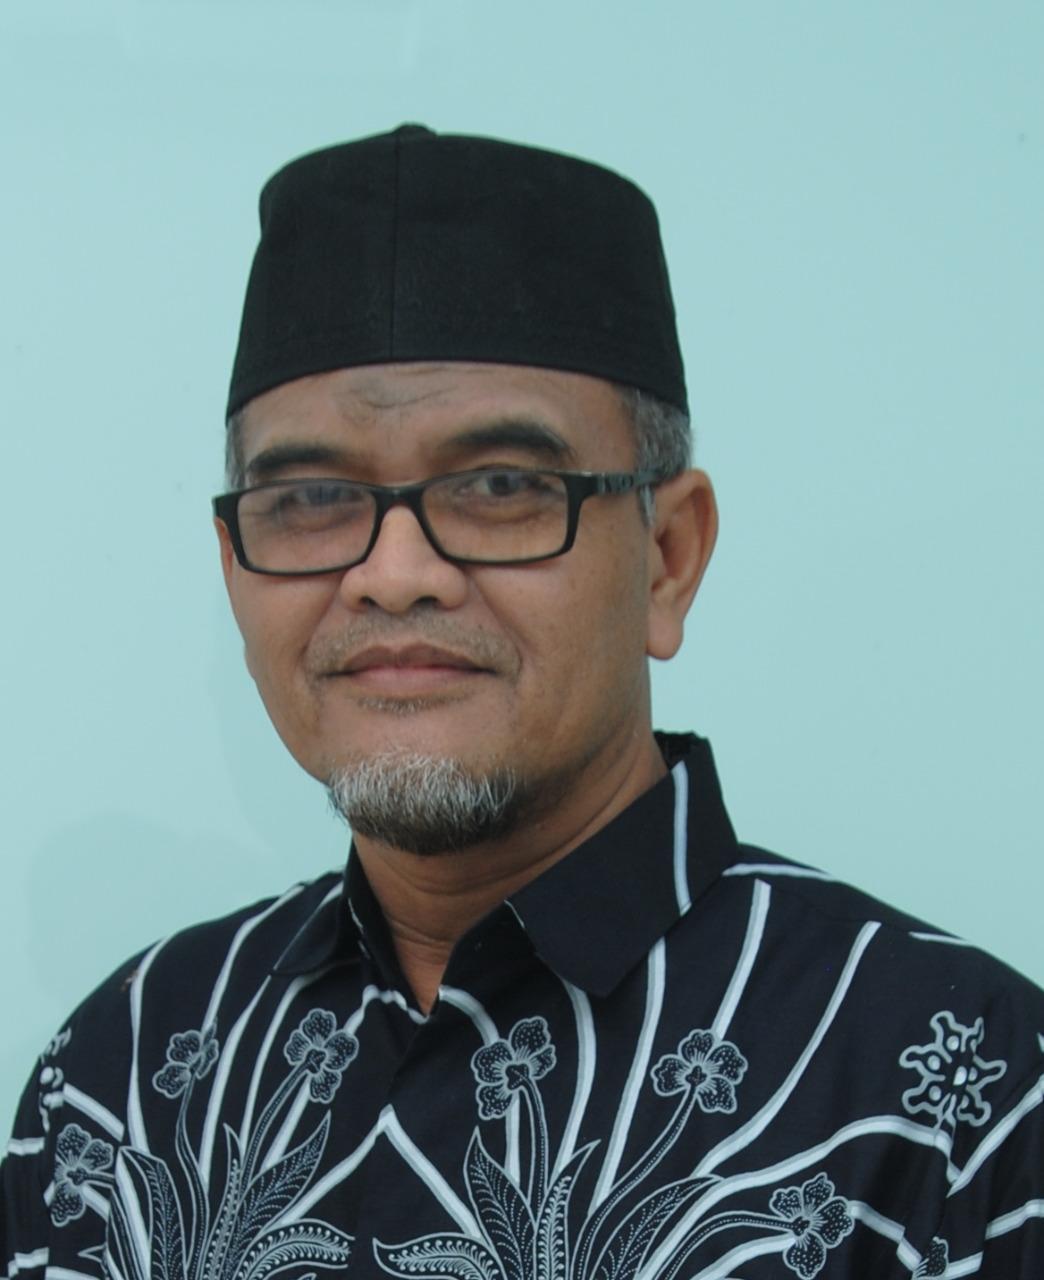 <strong>M. Taufik Rahman</strong>